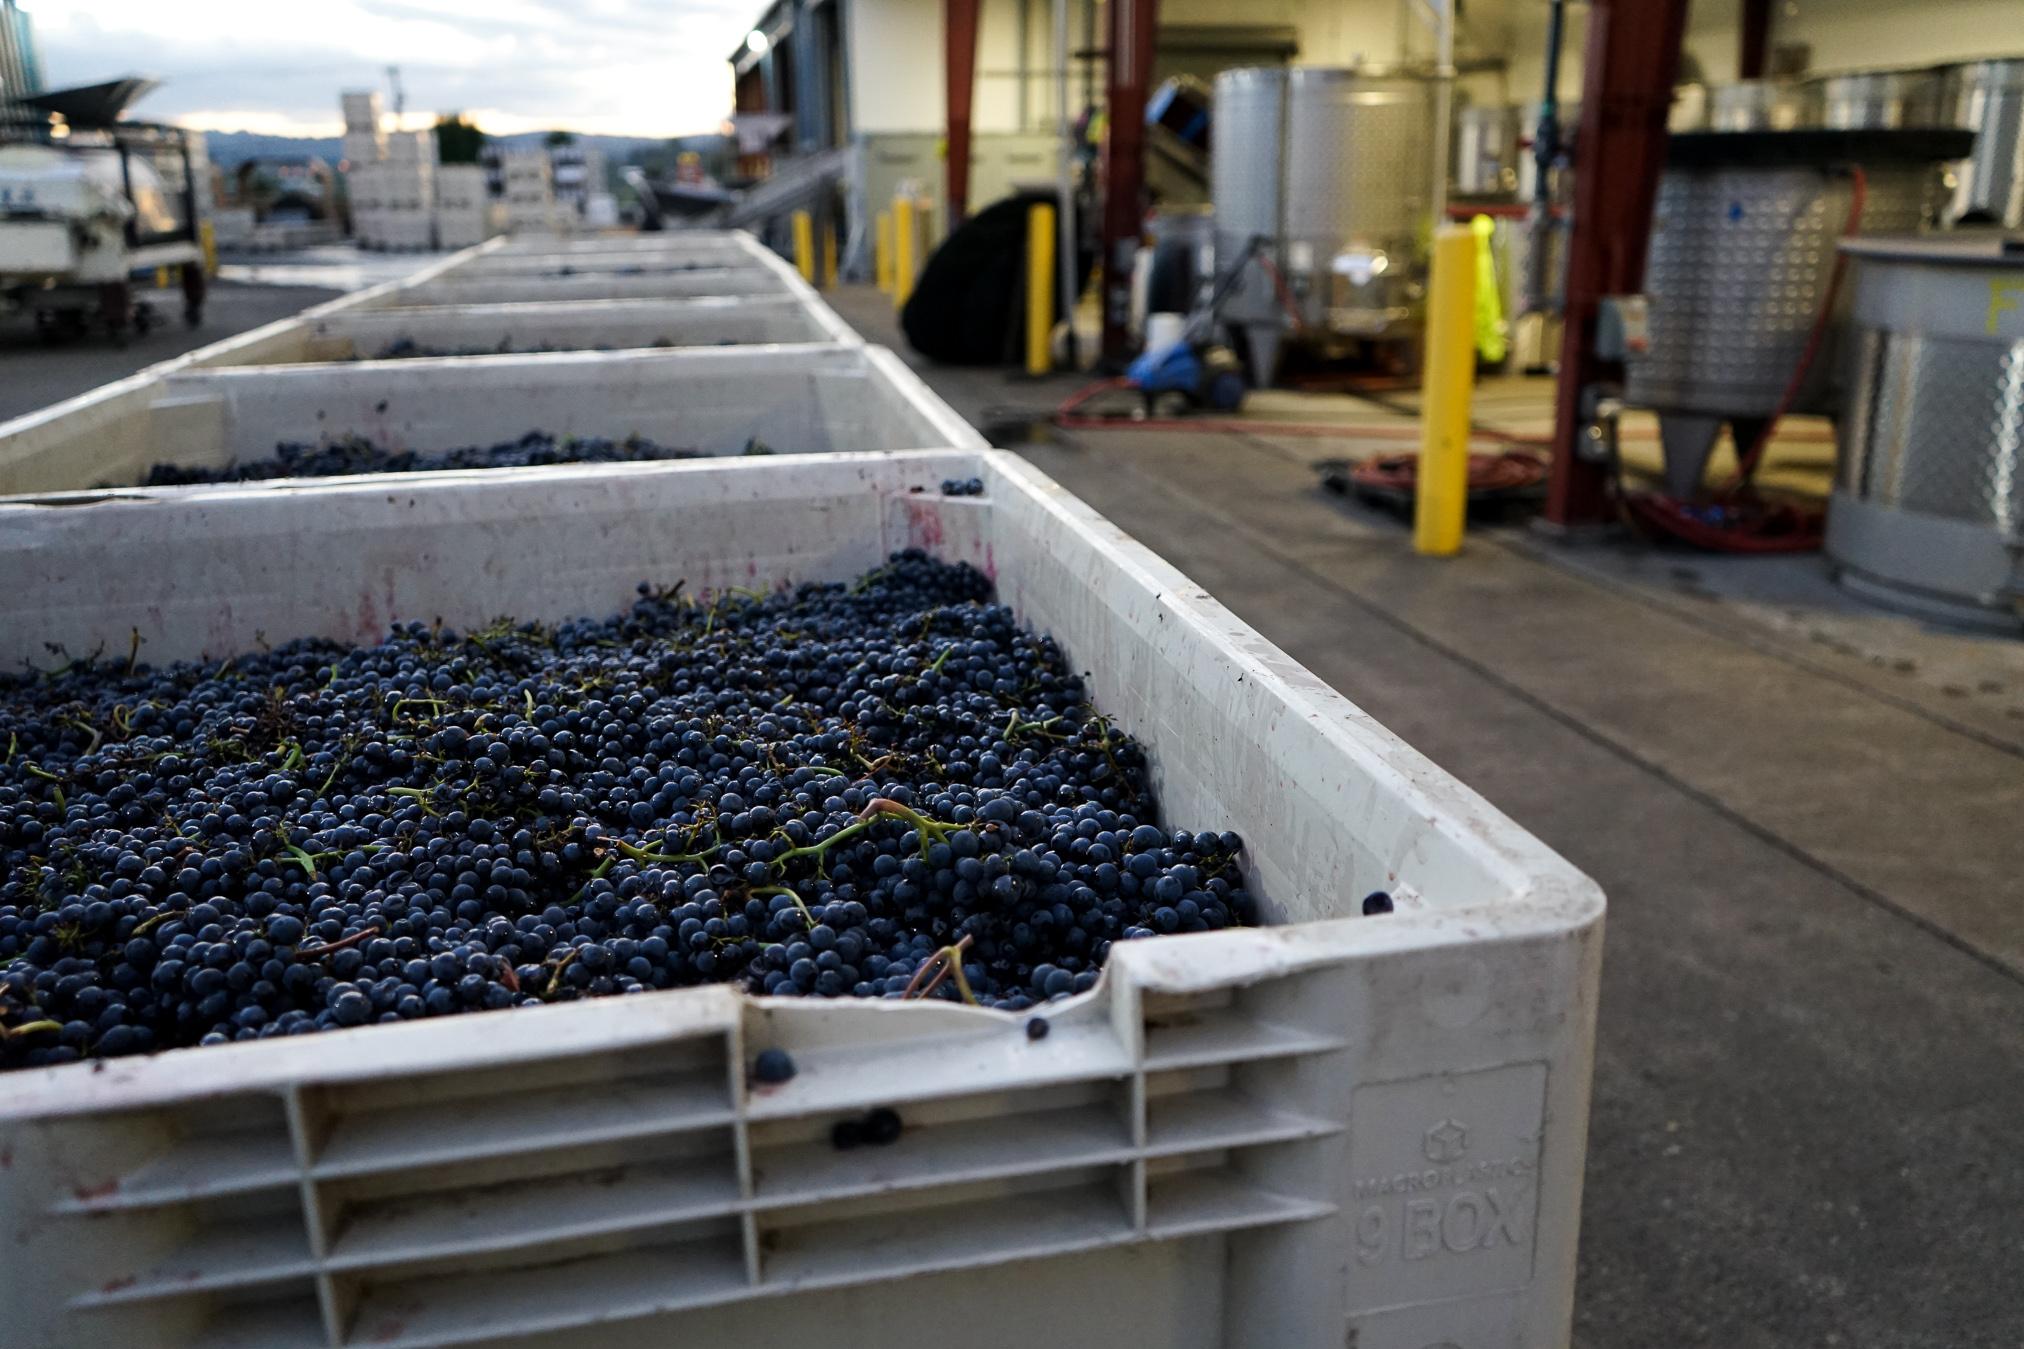 Underwood Pinot Noir Nouveau grapes